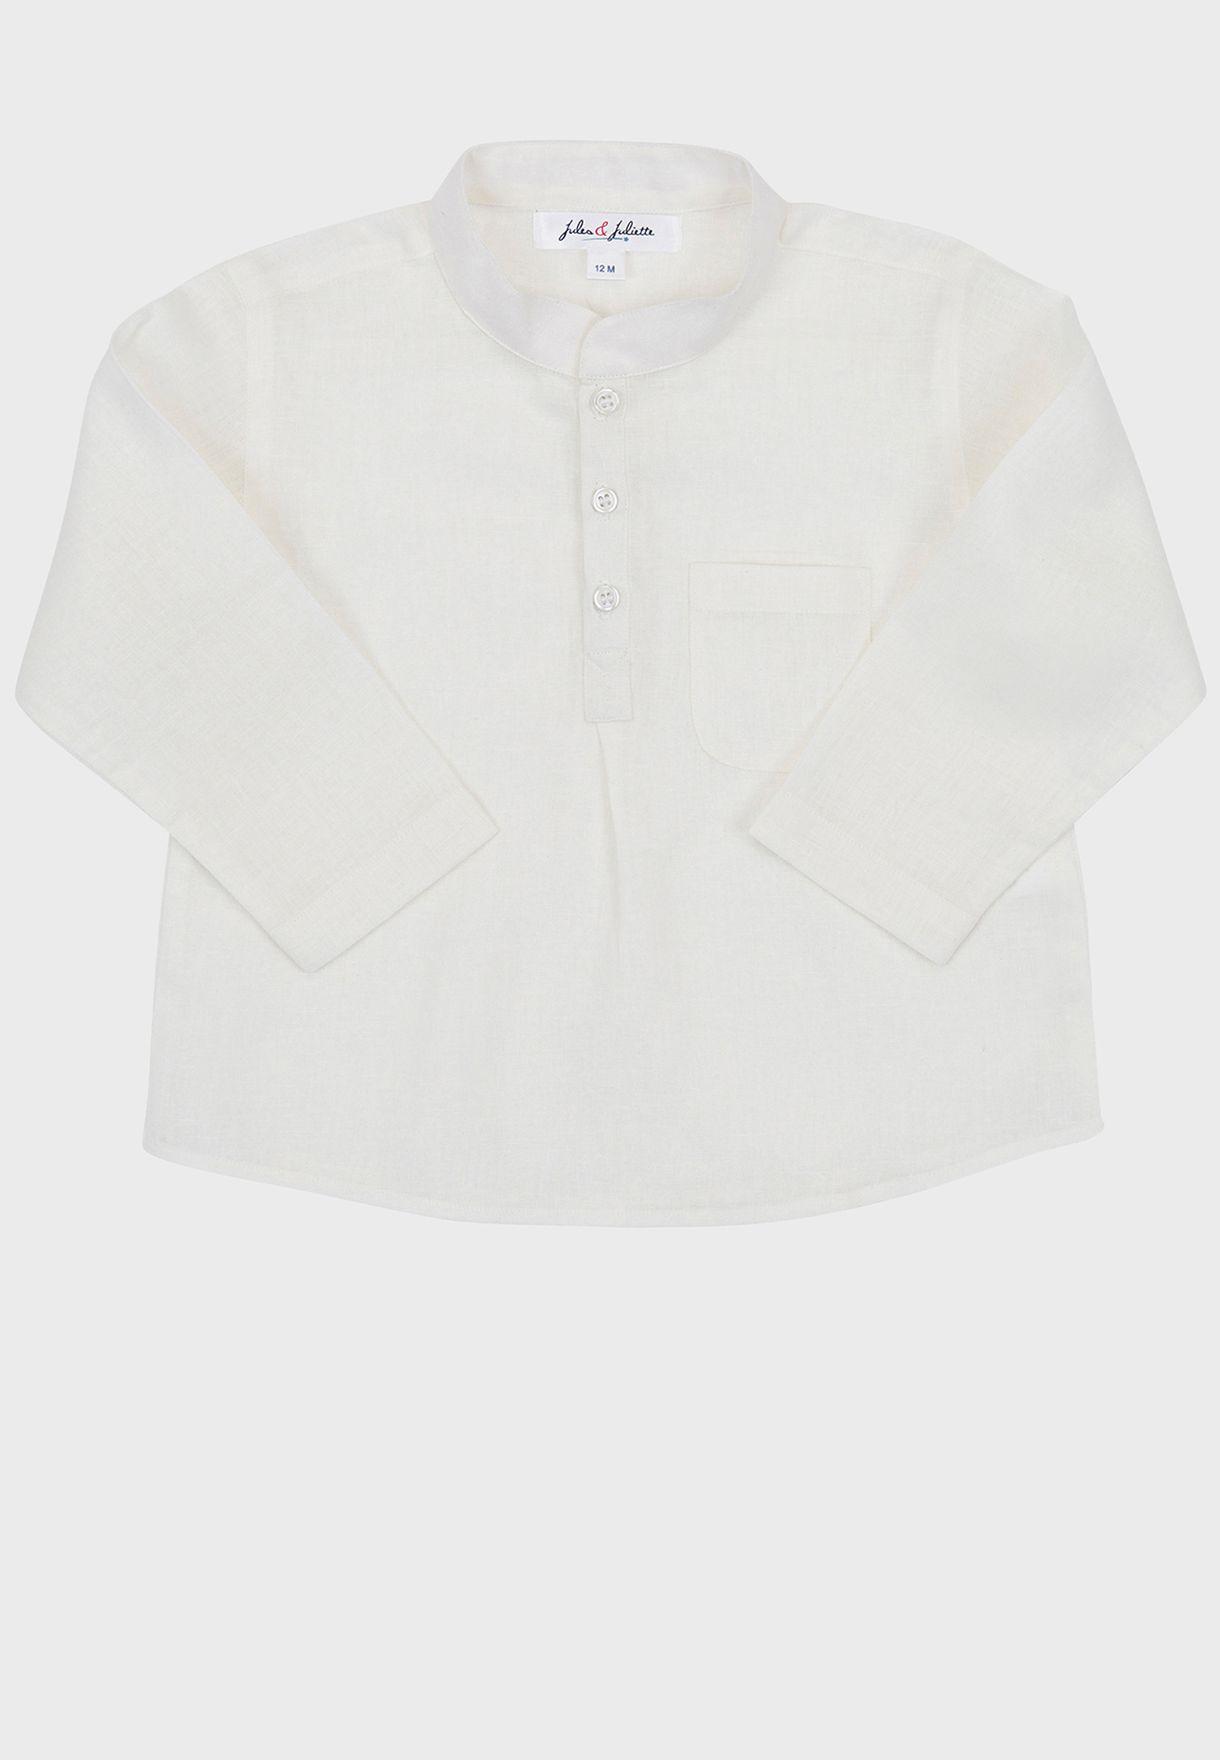 قميص كلاسيكي بياقة صينية